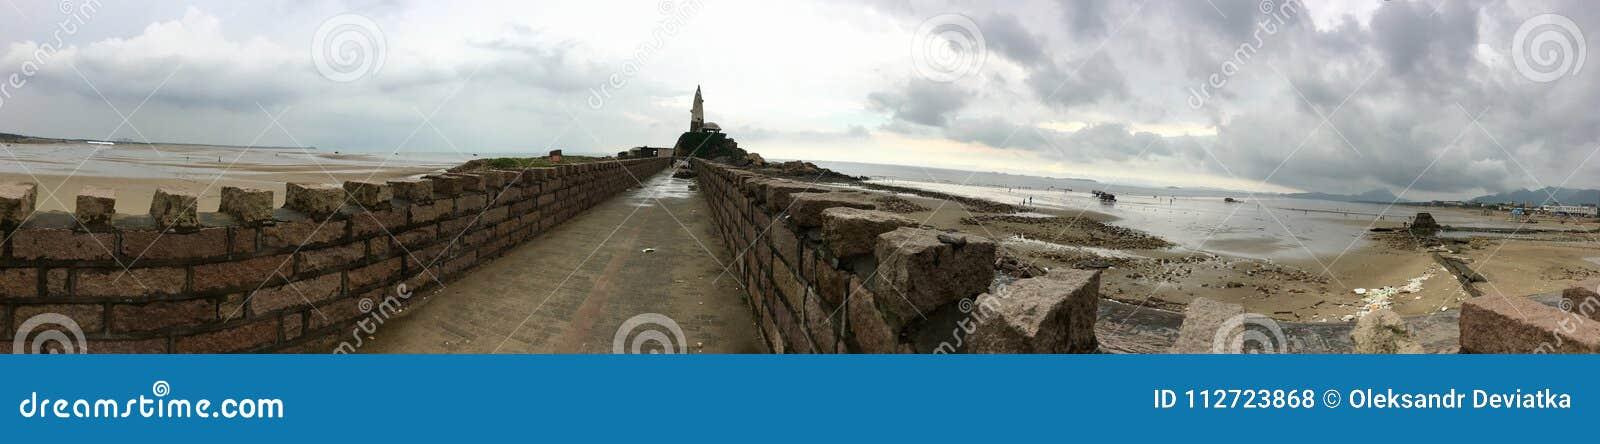 Осмотрите панораму старая каменная стена к маяку в море в Китае Ландшафт моря утра на пасмурный дождливый день